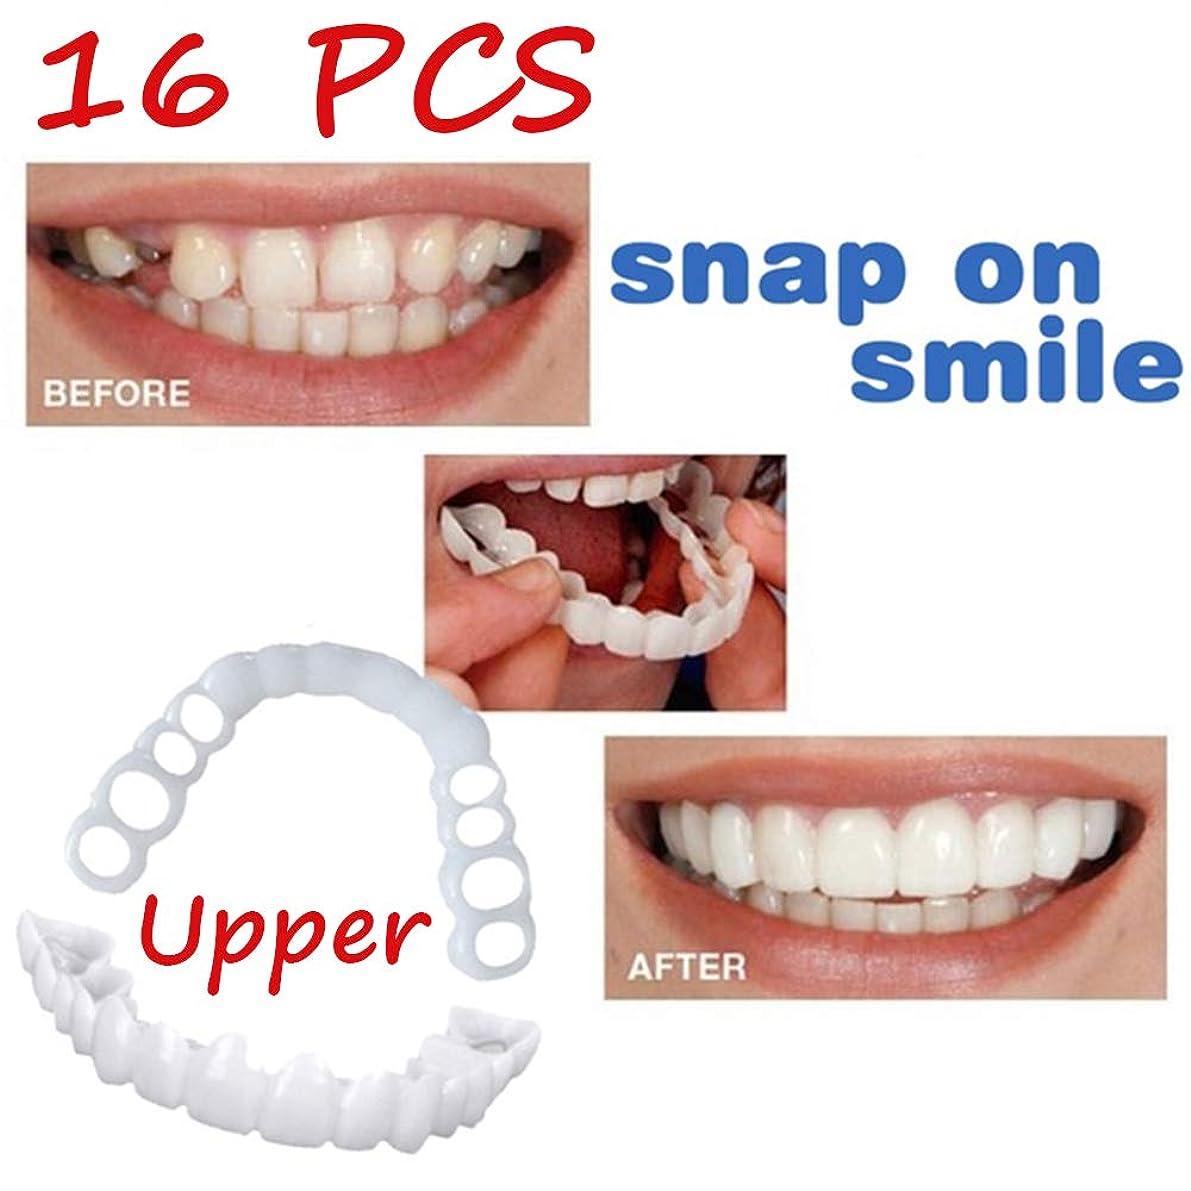 中国稼ぐ枯れる16ピースホワイトニングコンフォート義歯上列再使用可能な柔軟な化粧品歯科ベニア義歯ケアパーフェクトスマイルデンタルケアアクセサリー